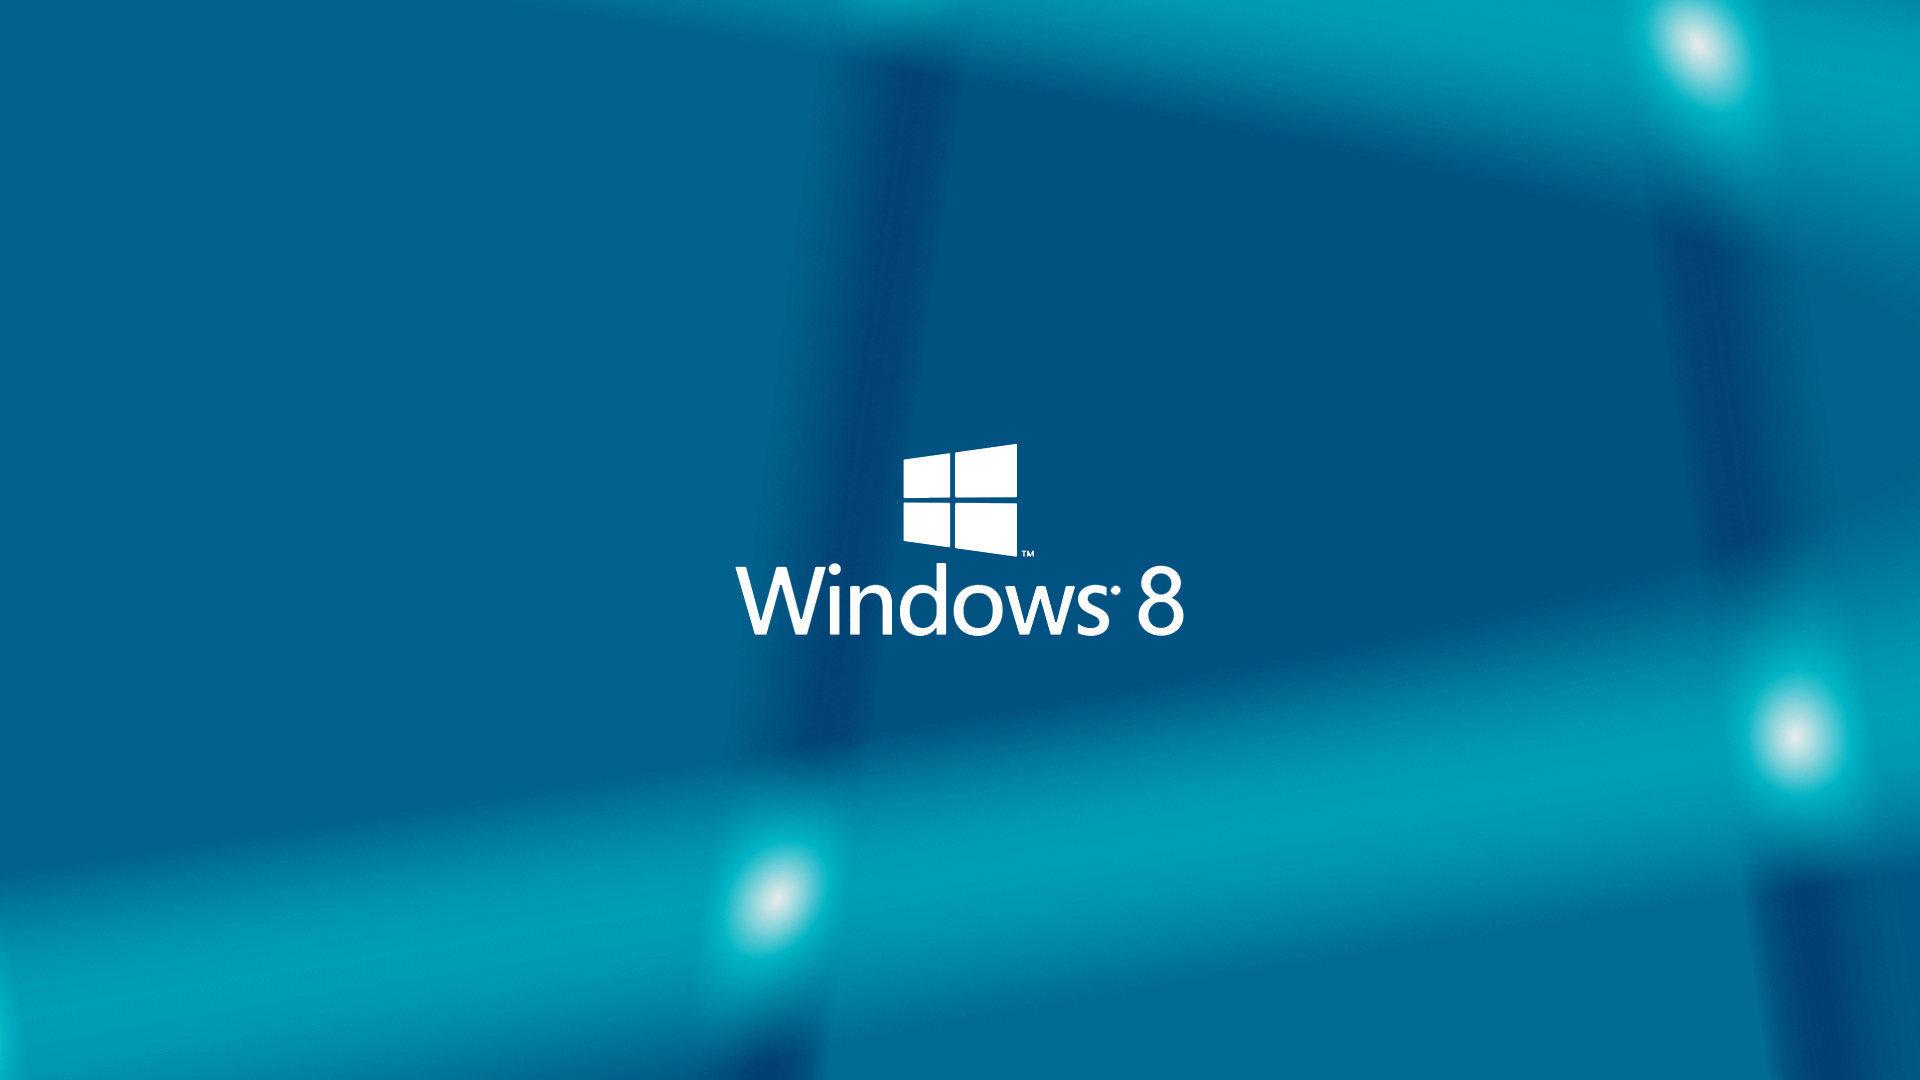 Все о ОС Windows 8: недостатки и преимущества о которых знают не все